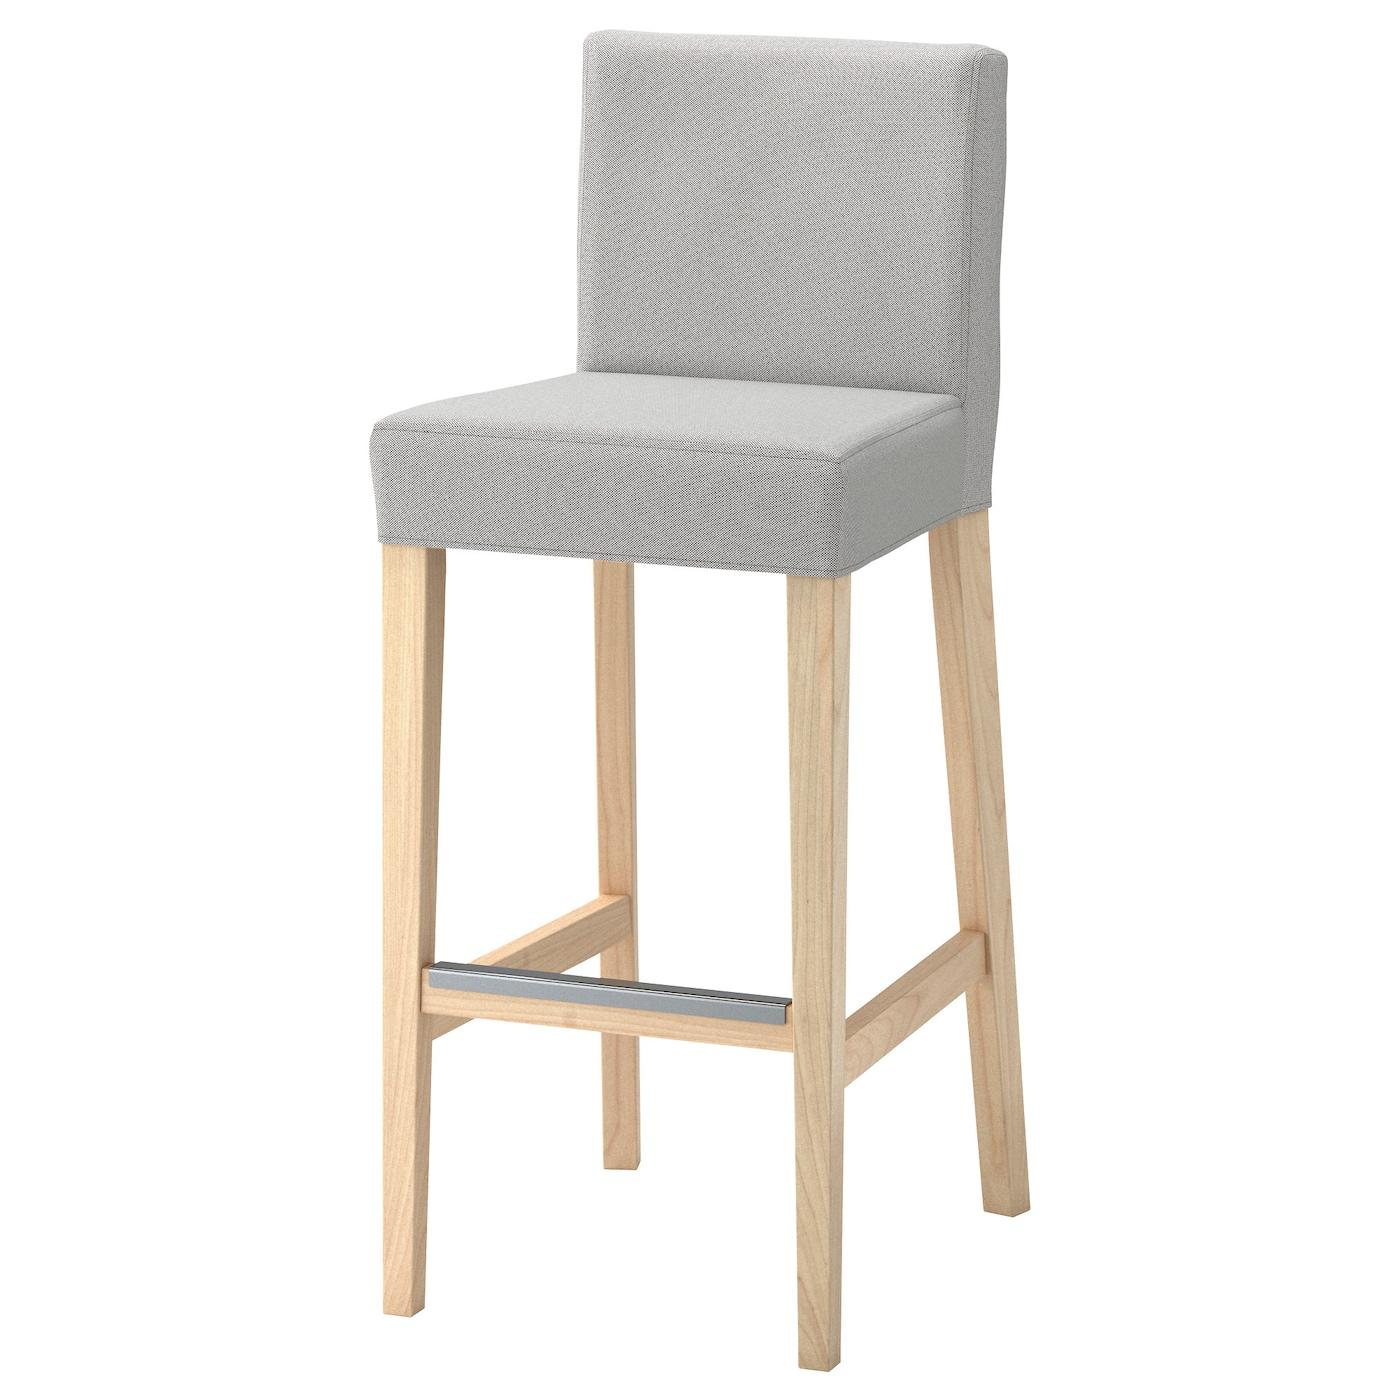 tabouret de bar ikea. Black Bedroom Furniture Sets. Home Design Ideas